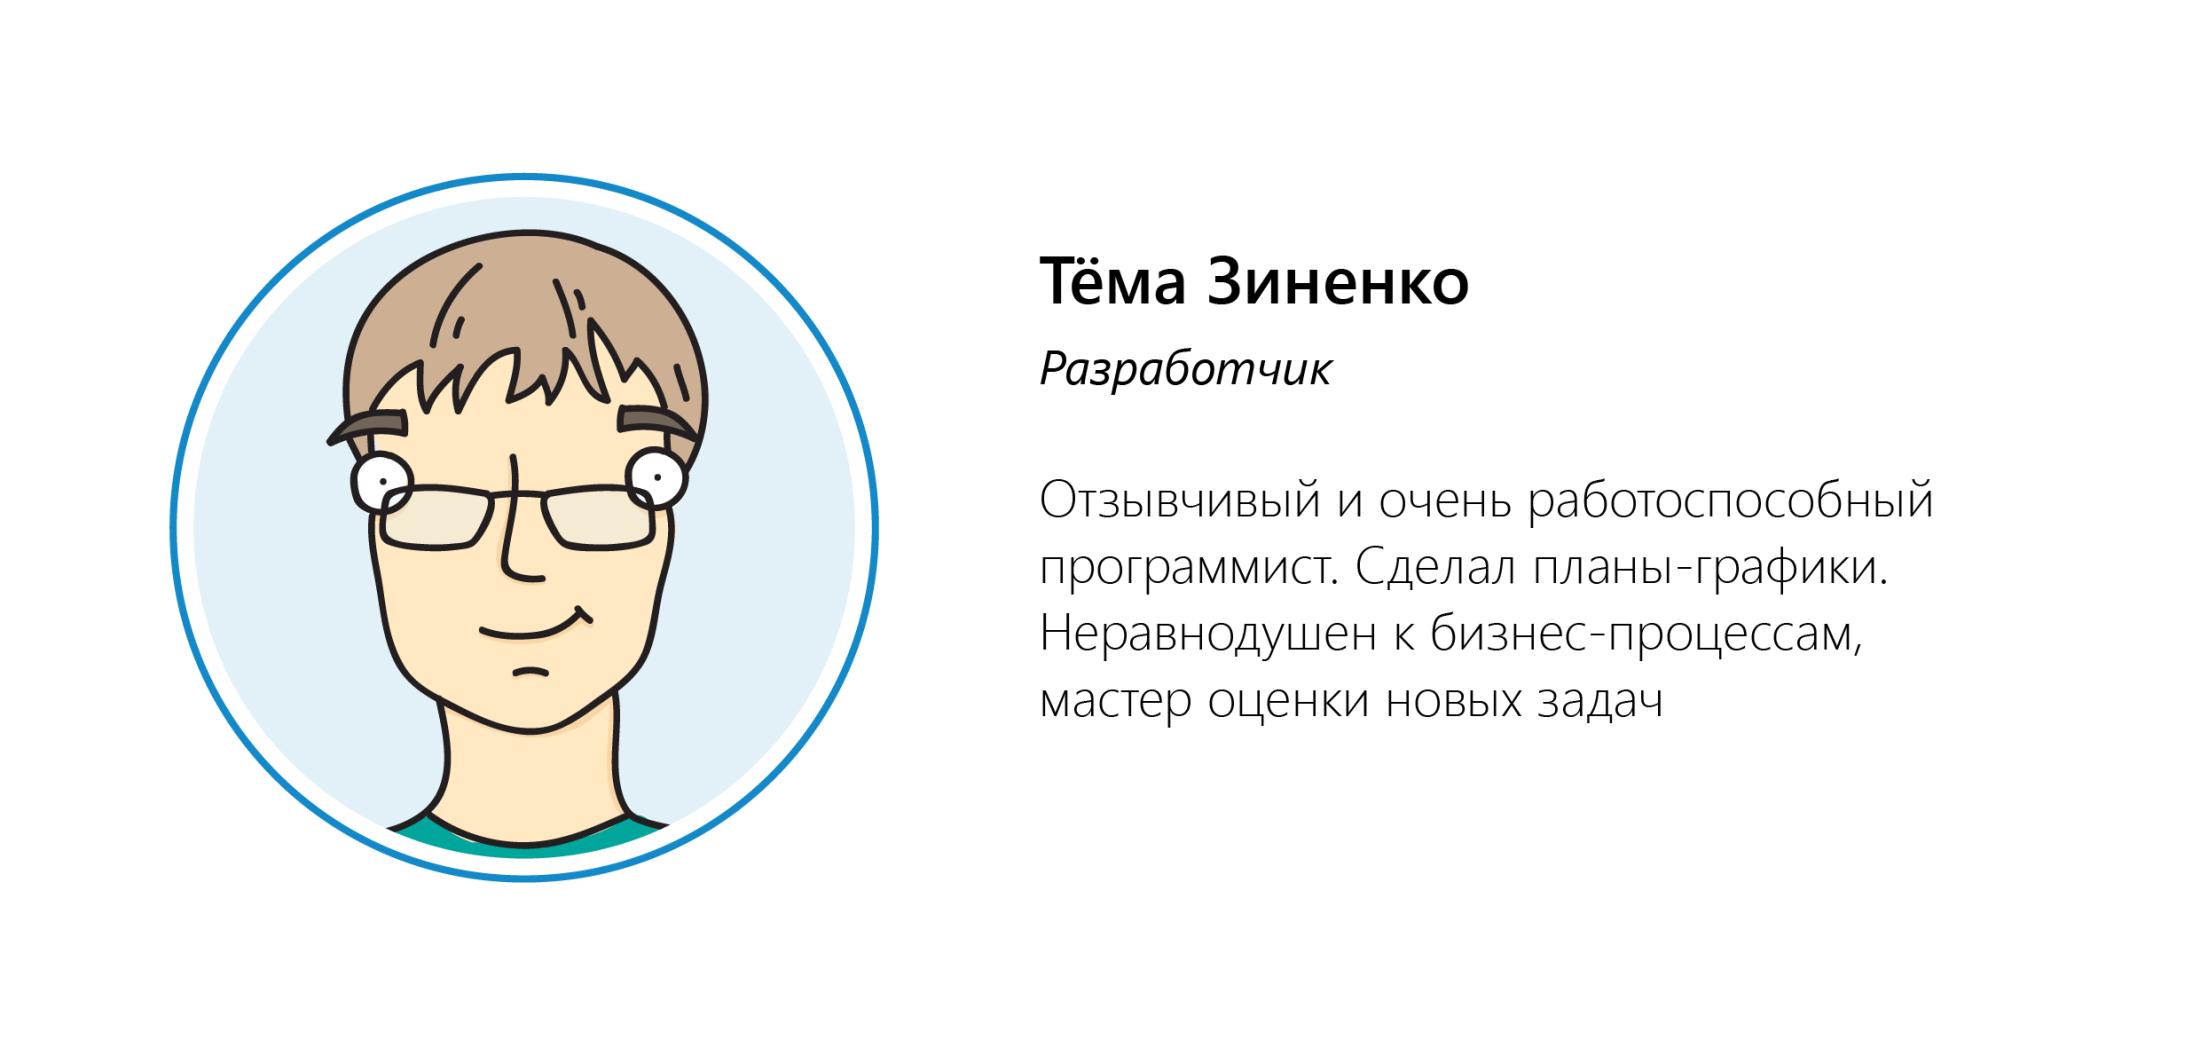 Тёма Зиненко